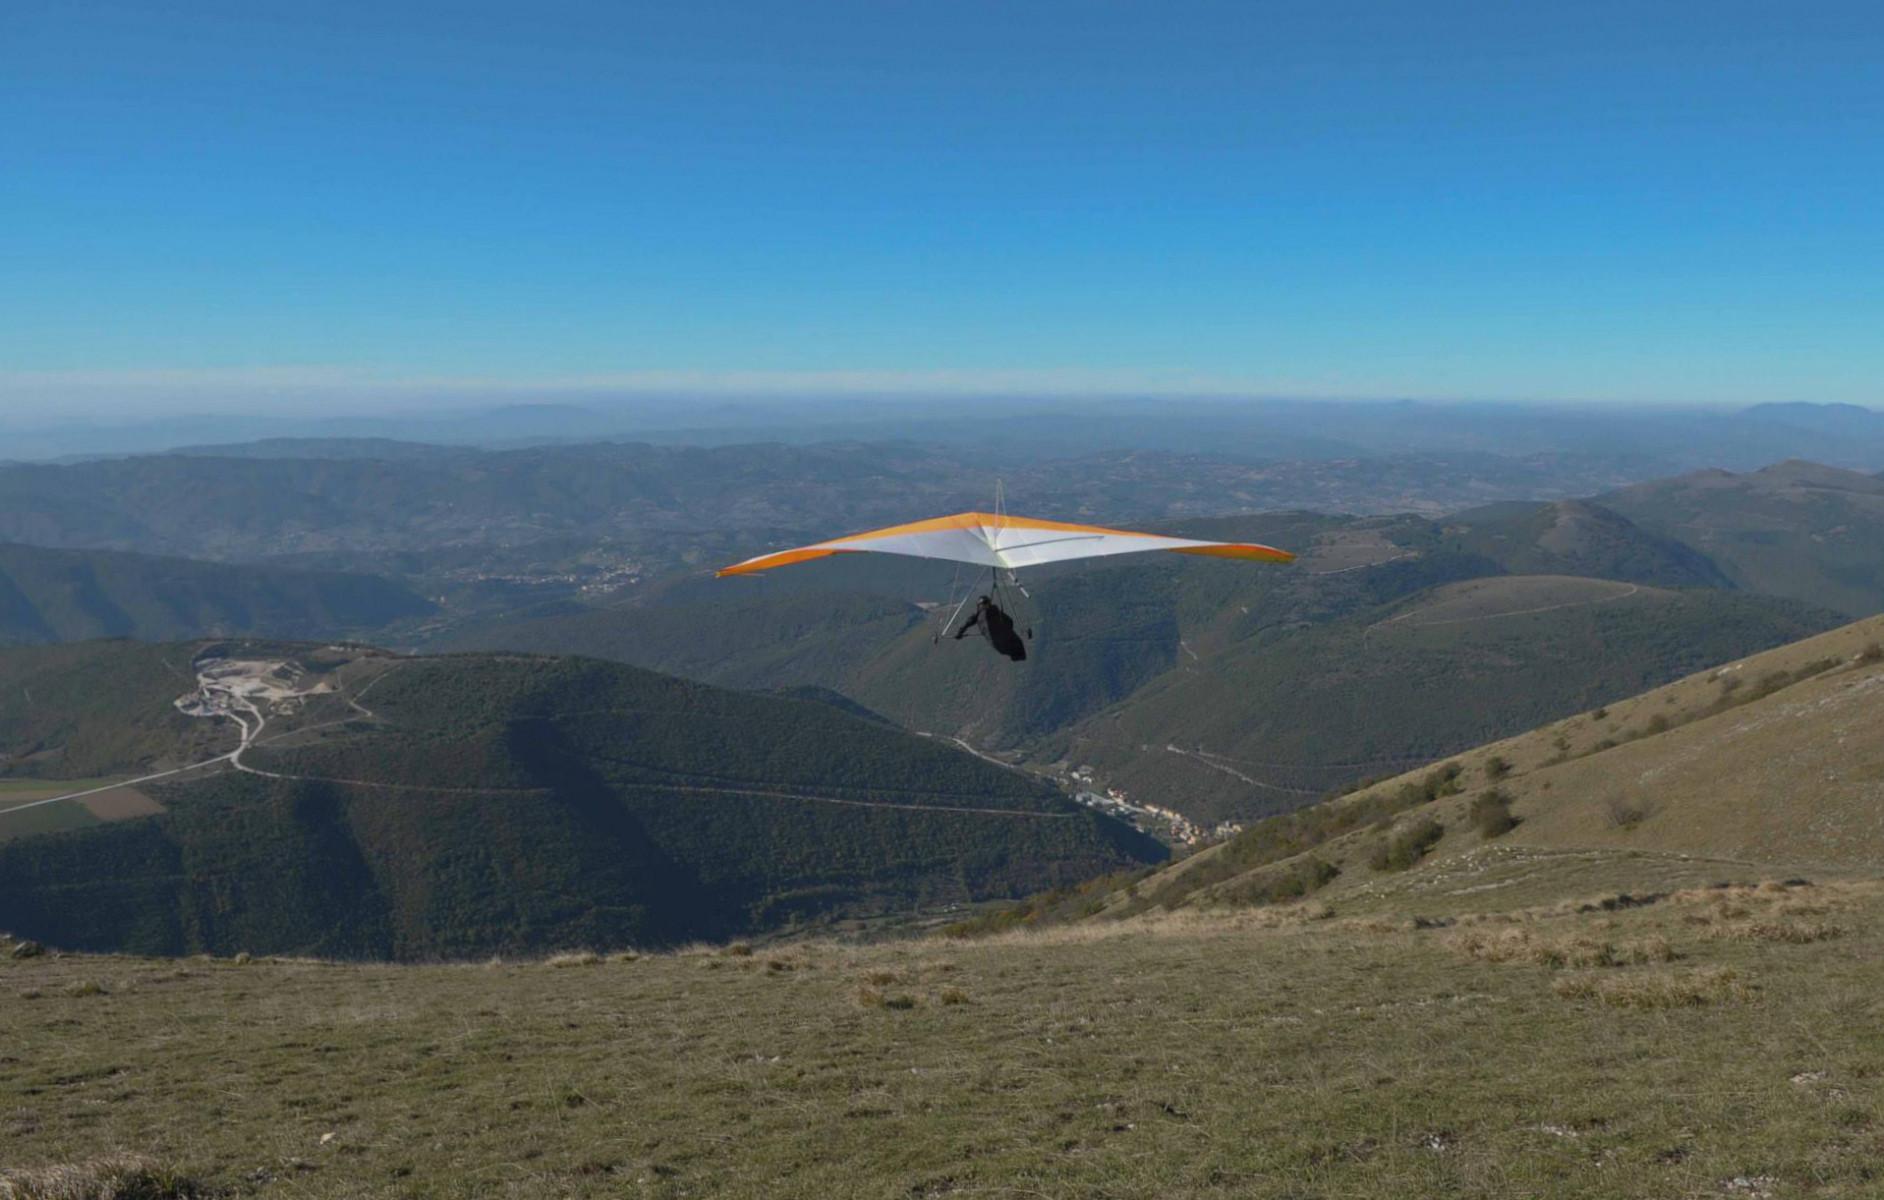 Volo tandem in deltaplano sui Monti Sibillini